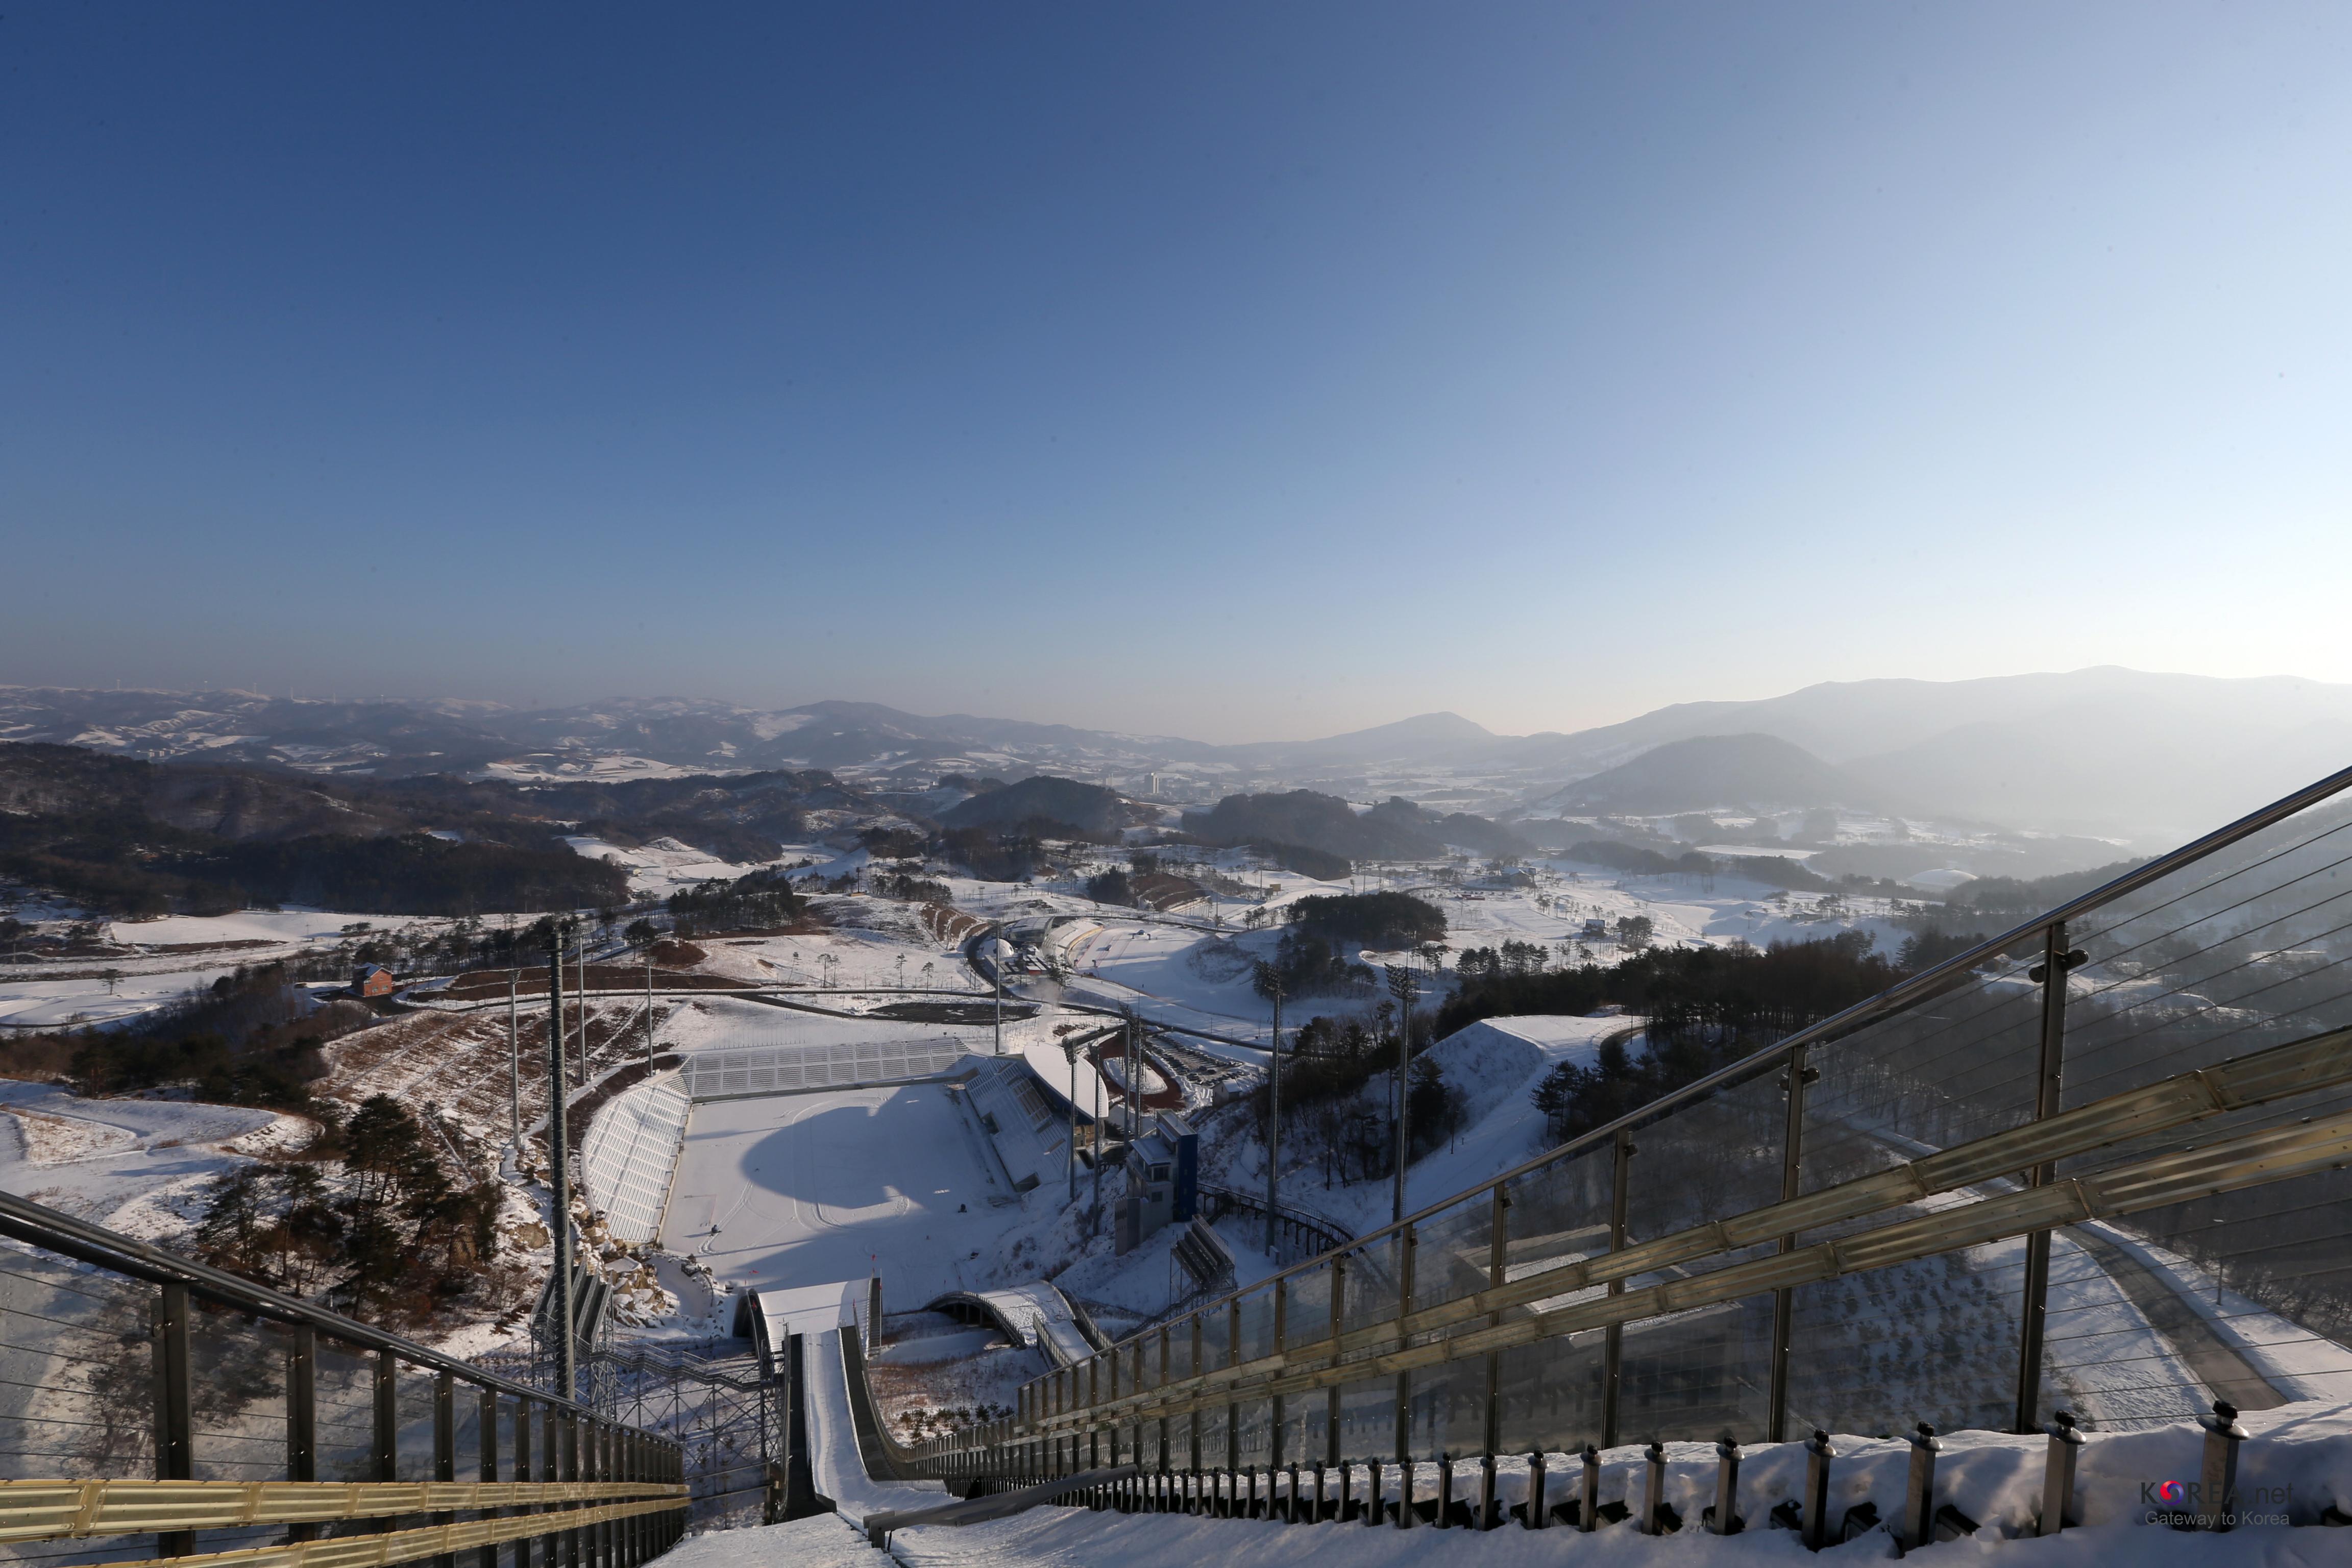 Výsledok vyhľadávania obrázkov pre dopyt alpensia ski jumping center